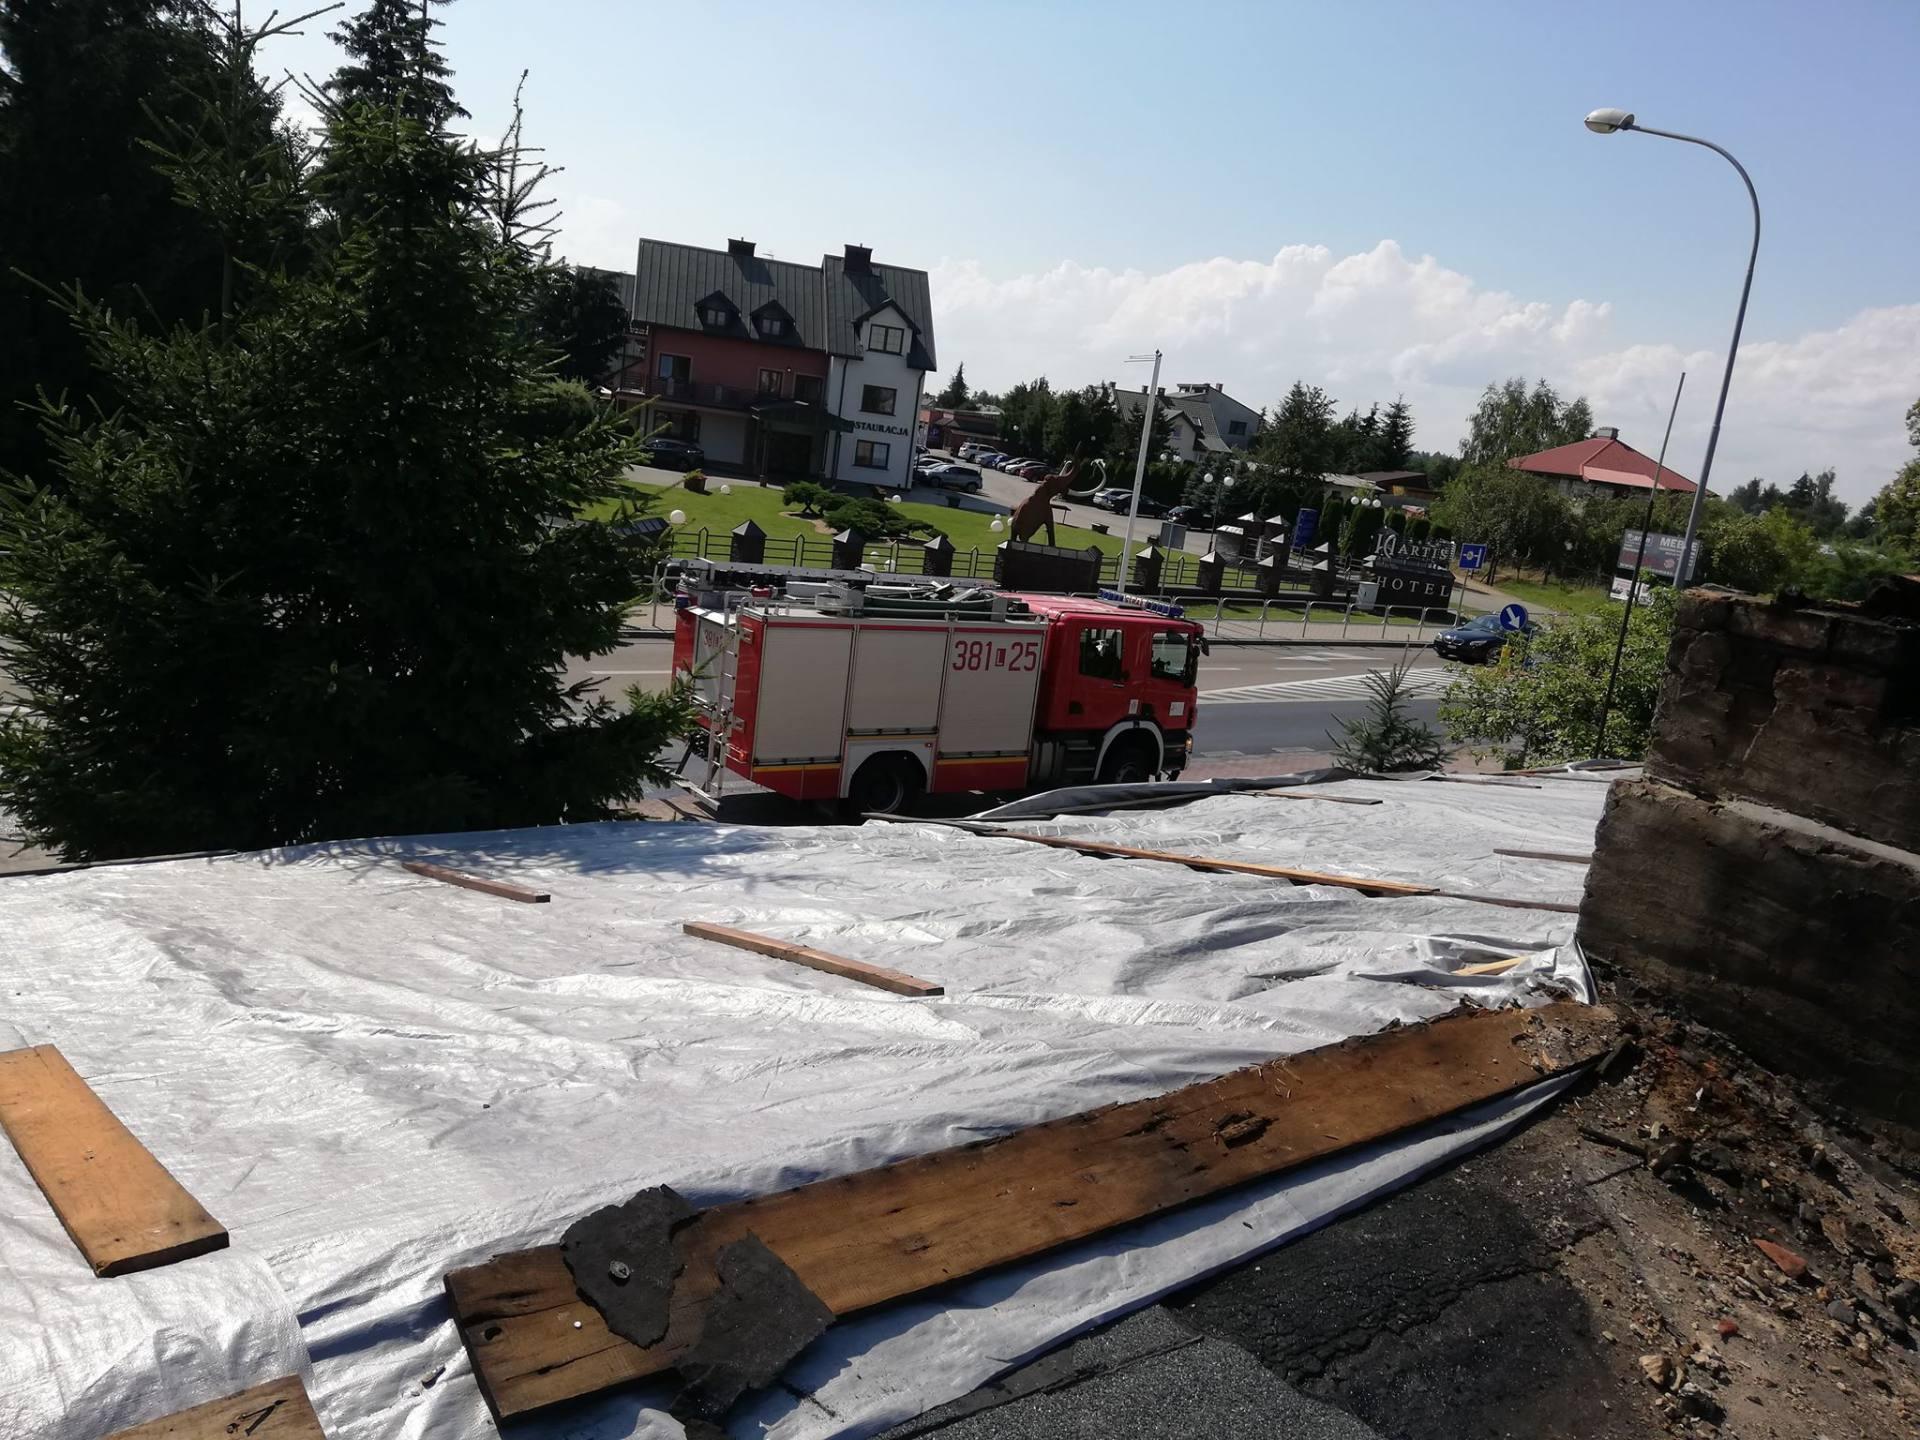 burza 4 Zerwane dachy, połamane drzewa, uszkodzone samochody. Straty po burzy, która przeszła nad Zamojszczyzną